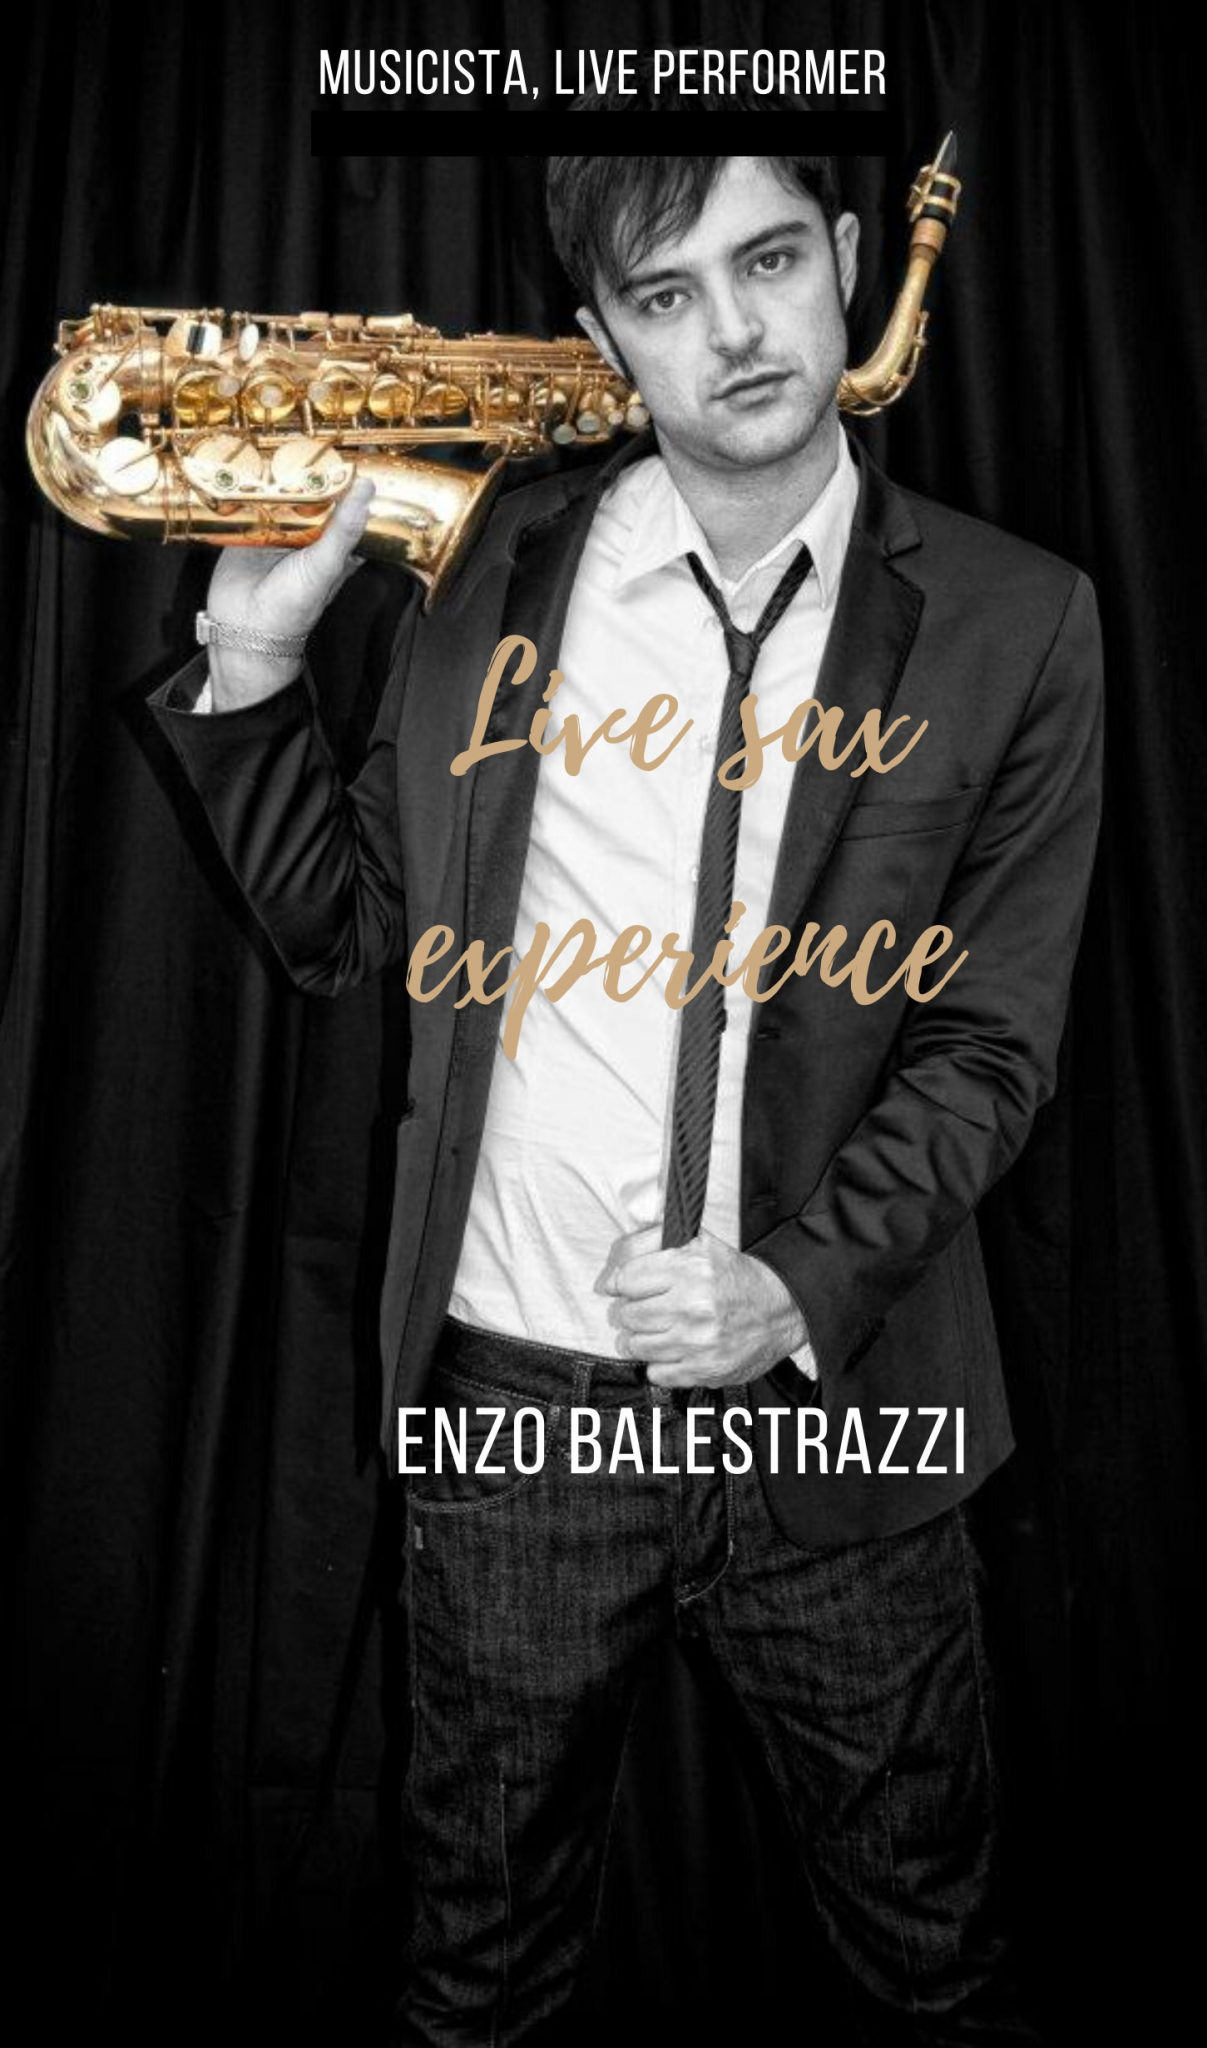 Enzo-Balestrazzi